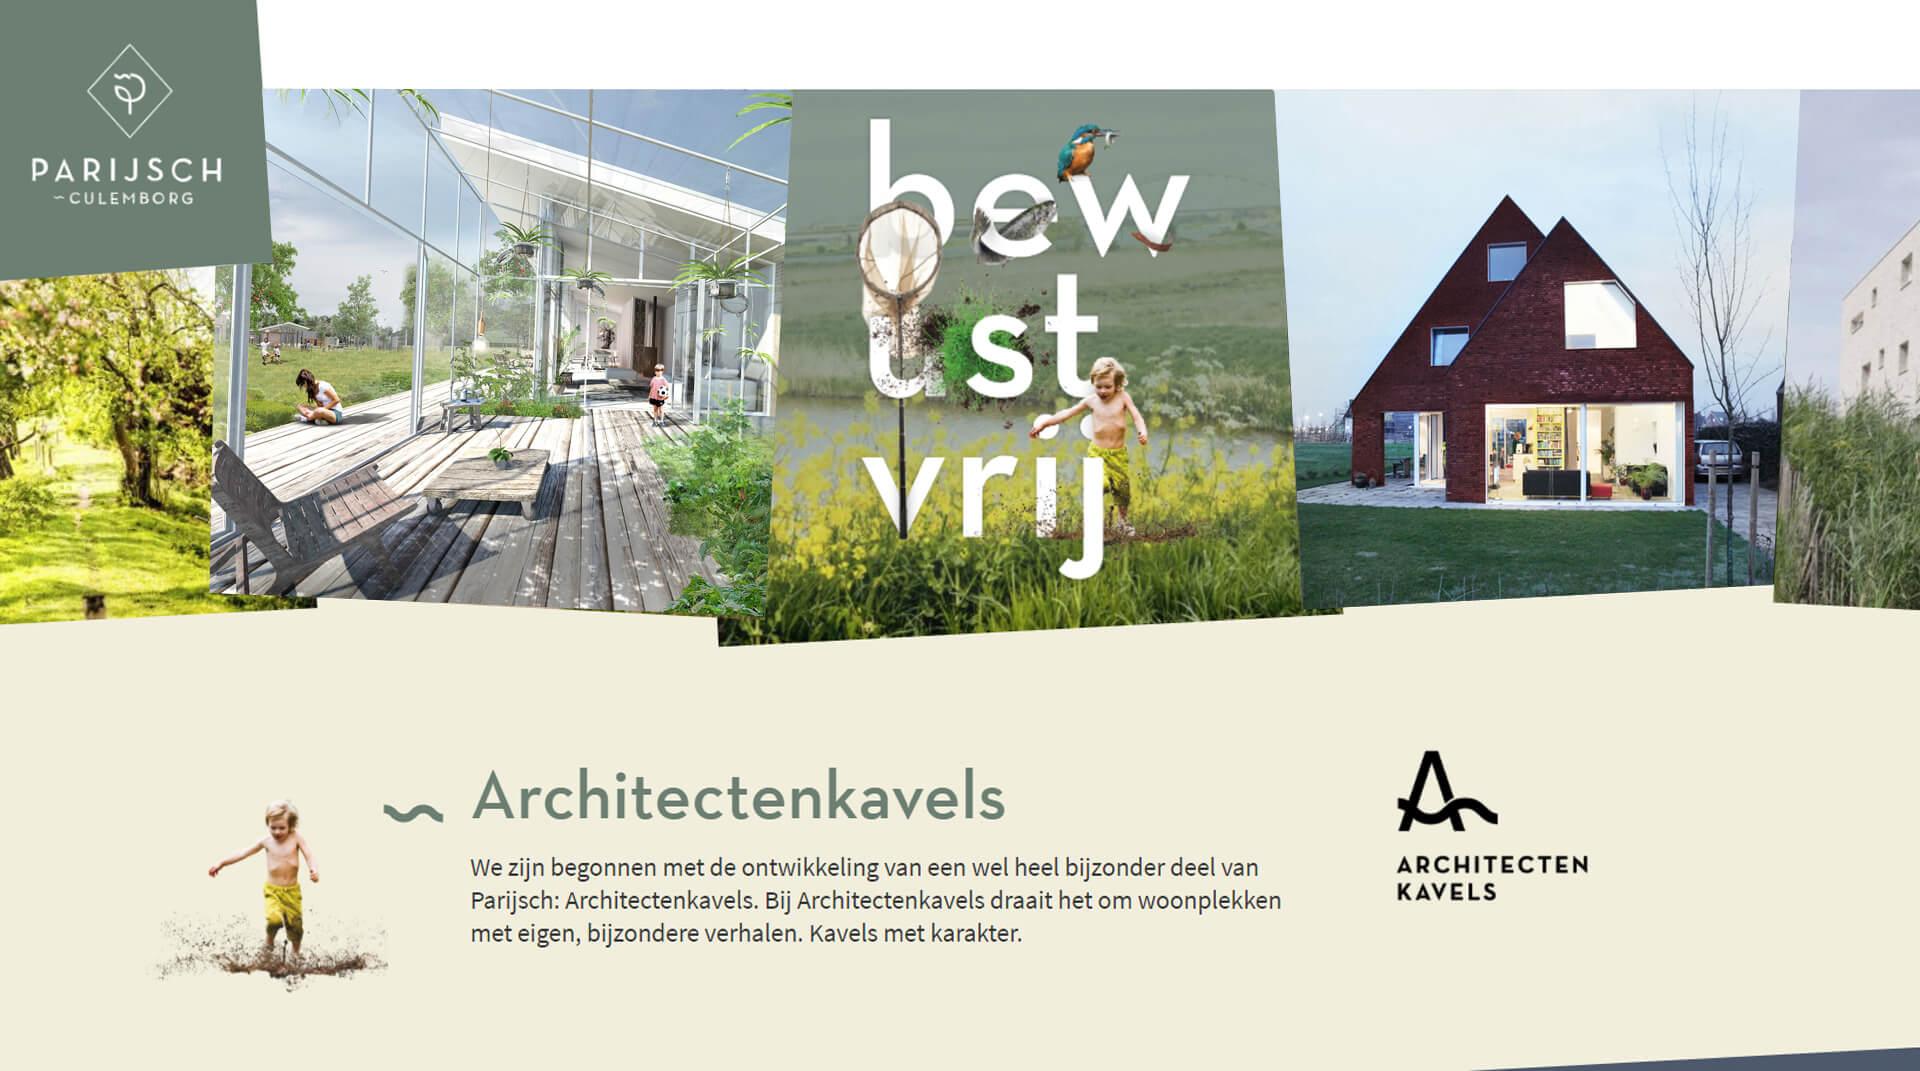 Architectenkavels Voorne-Putten kavels met karakter